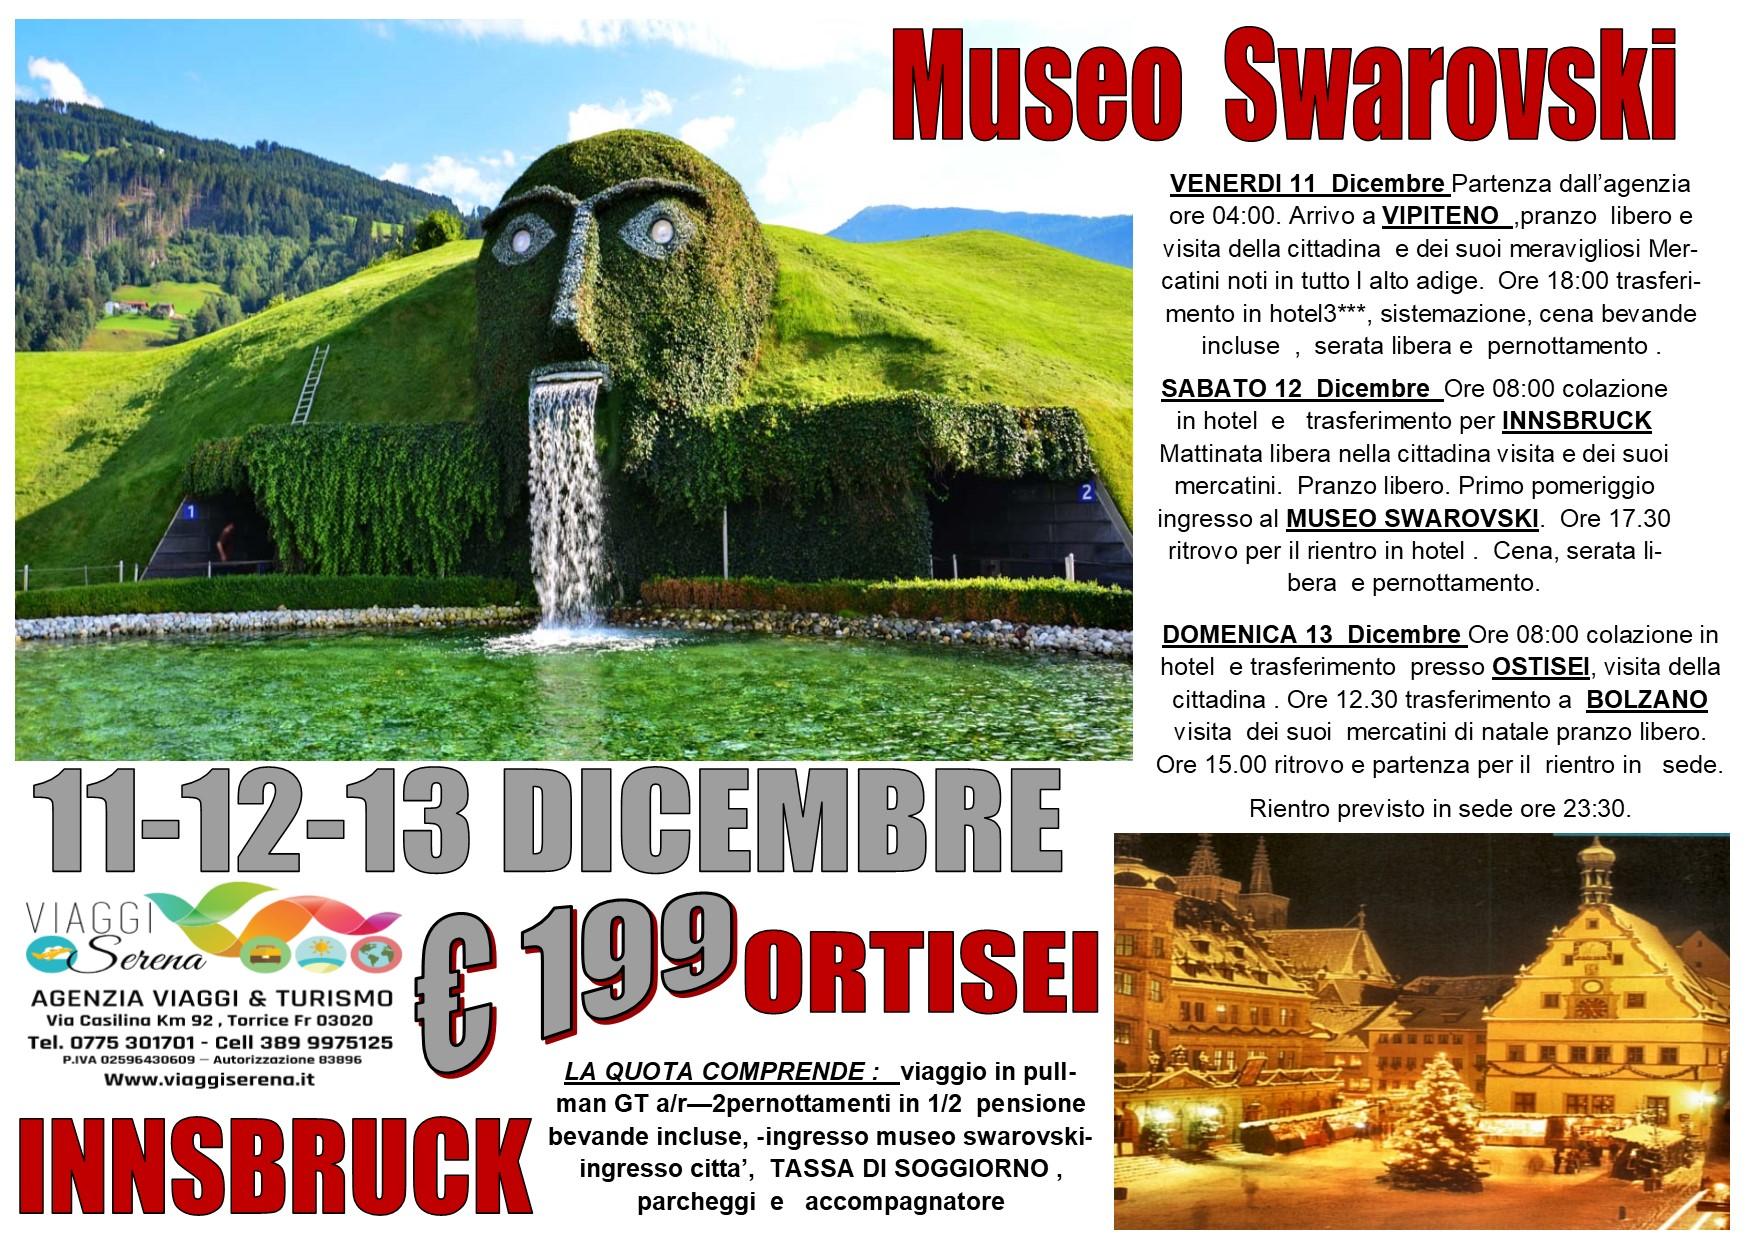 Viaggi di Natale:  Museo Swarosky , Ortisei , Bolzano & Vipiteno 11-12-13 Dicembre  € 199,00